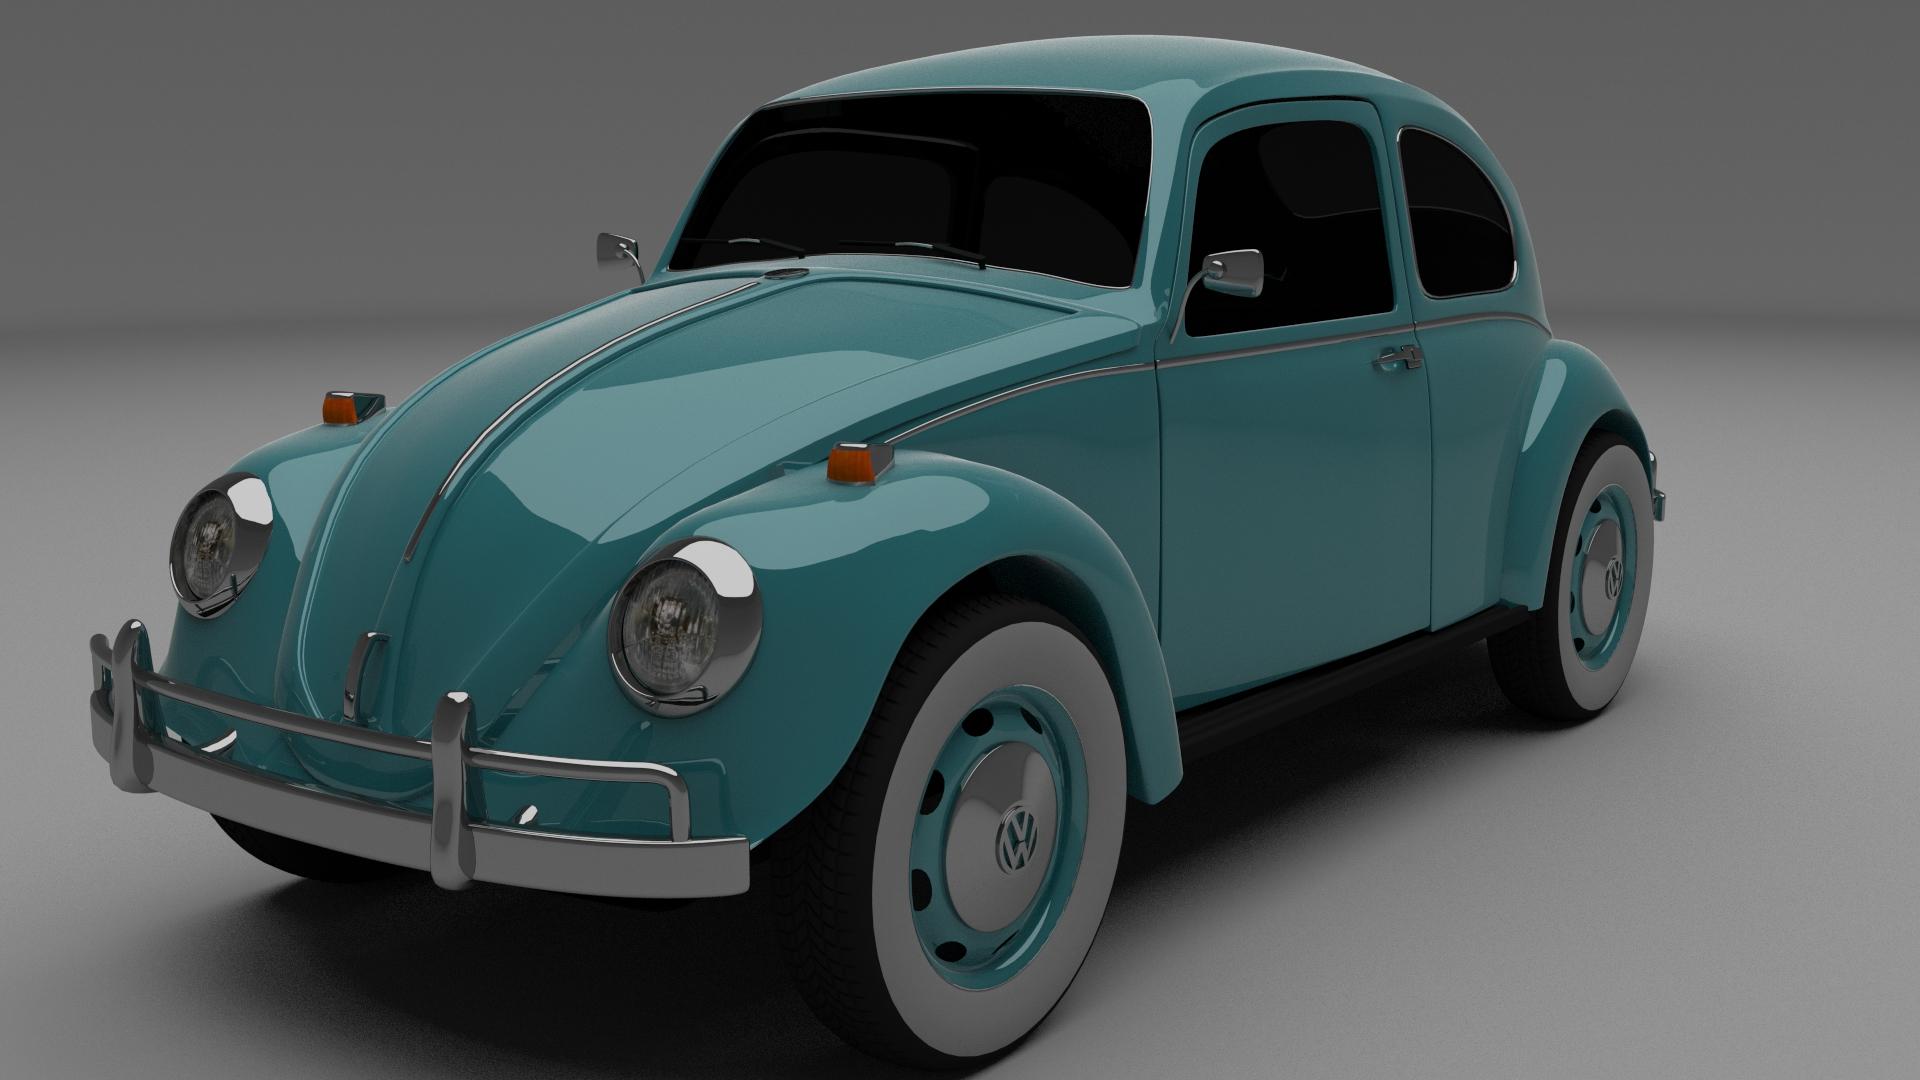 vw beetle 3d model obj blend dae mtl. Black Bedroom Furniture Sets. Home Design Ideas